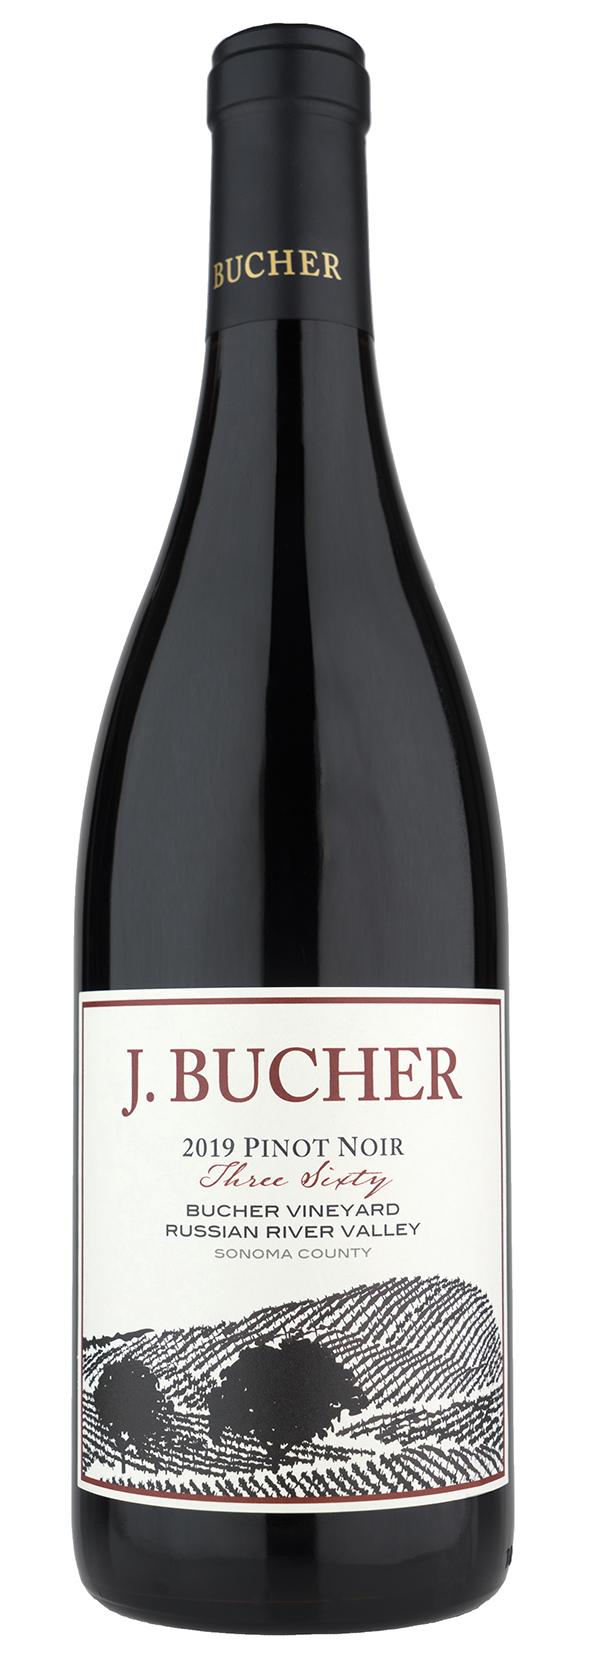 2019 Pinot Noir Three Sixty Bucher Vineyard Russian River Valley